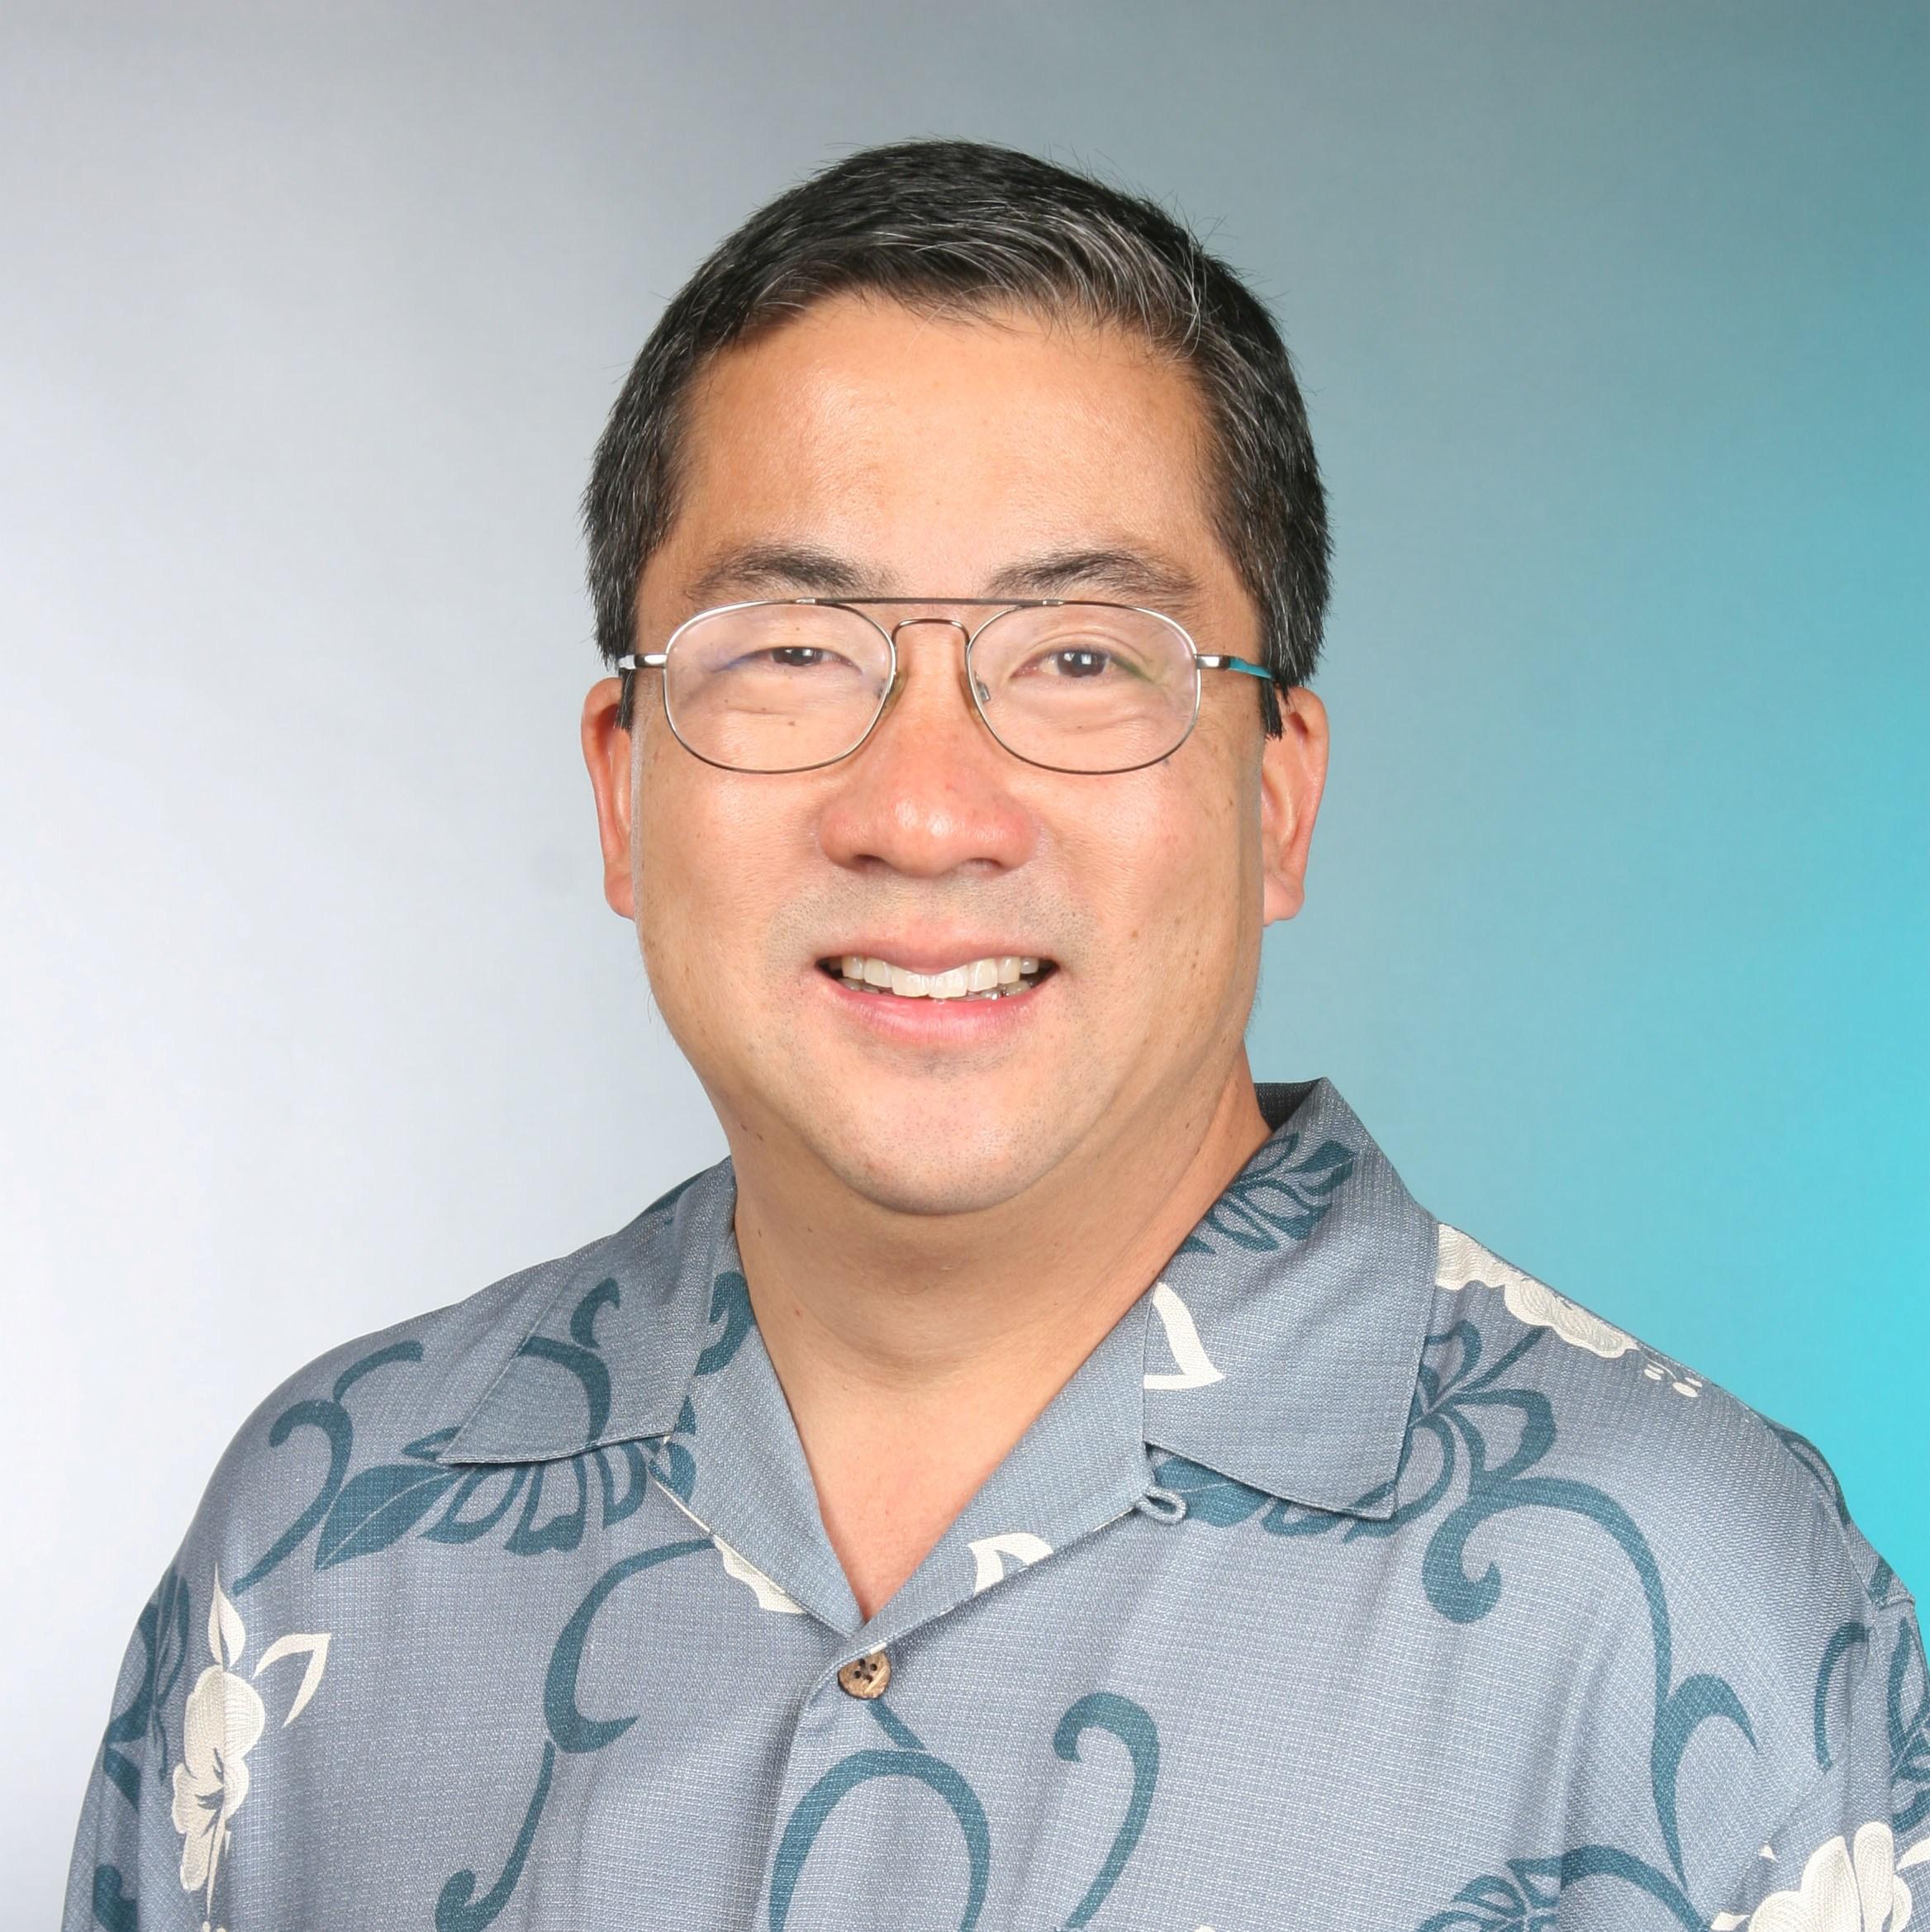 Kevin S. Adaniya, Attorney at Law